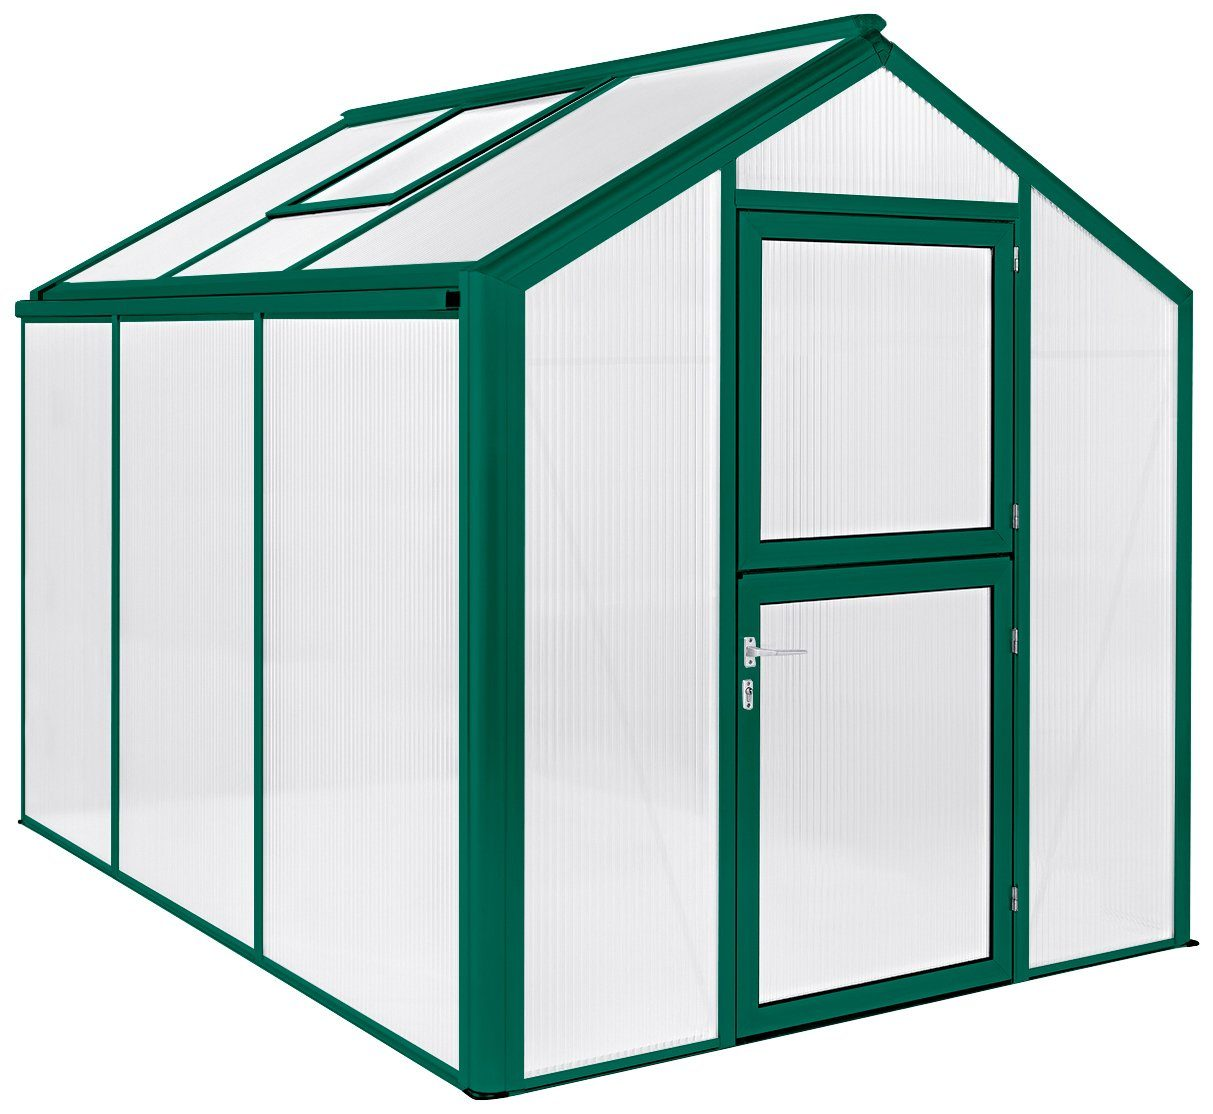 BECKMANN Gewächshaus »Allplanta U2«, BxT: 215x309 cm, grün